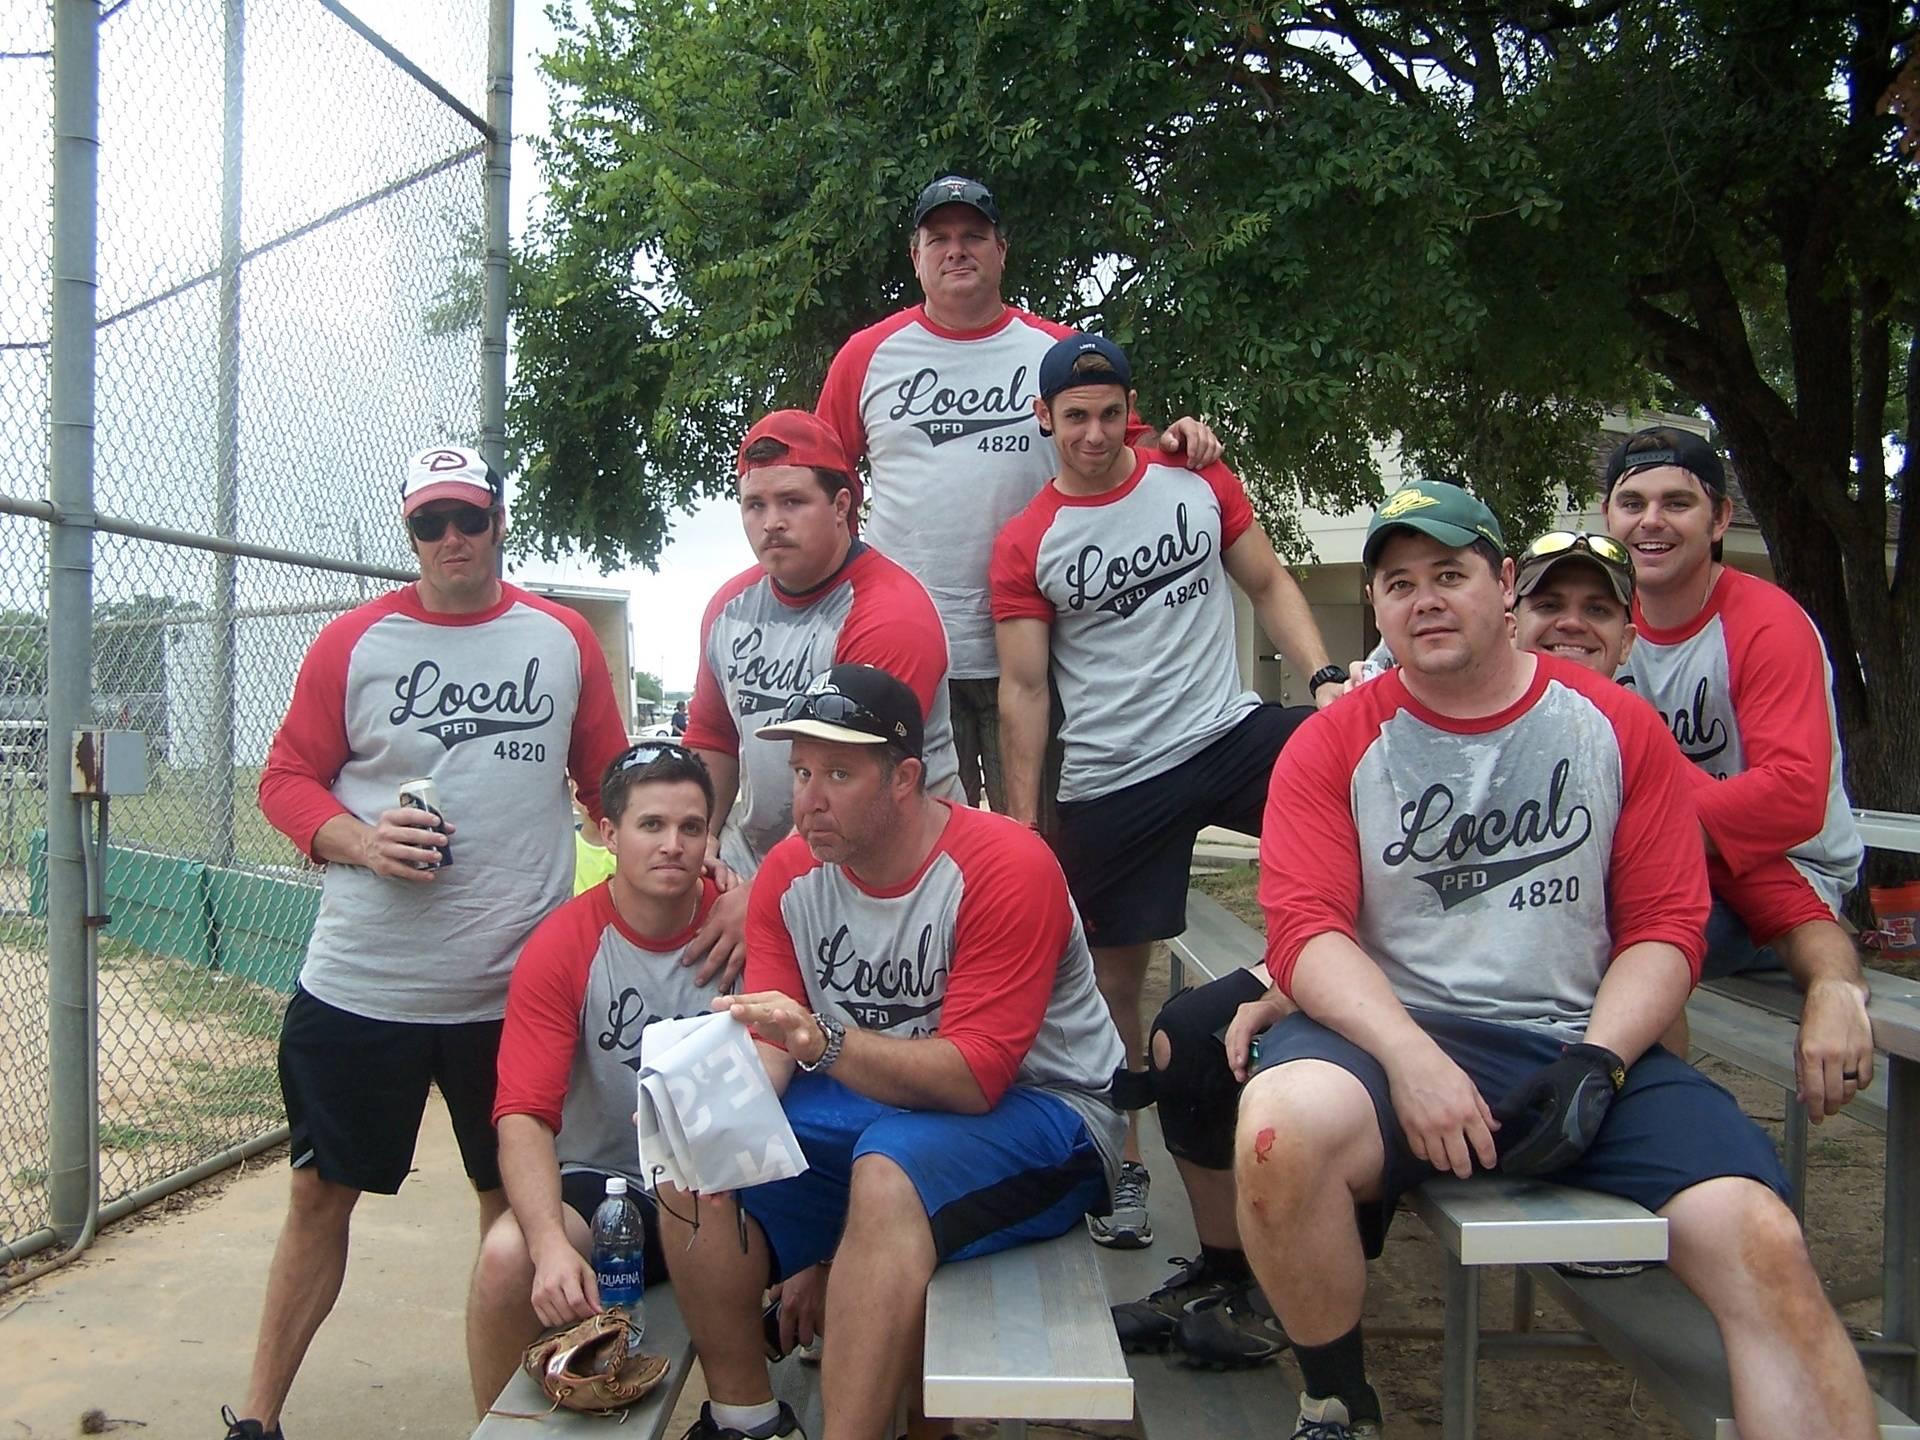 Pedernales team